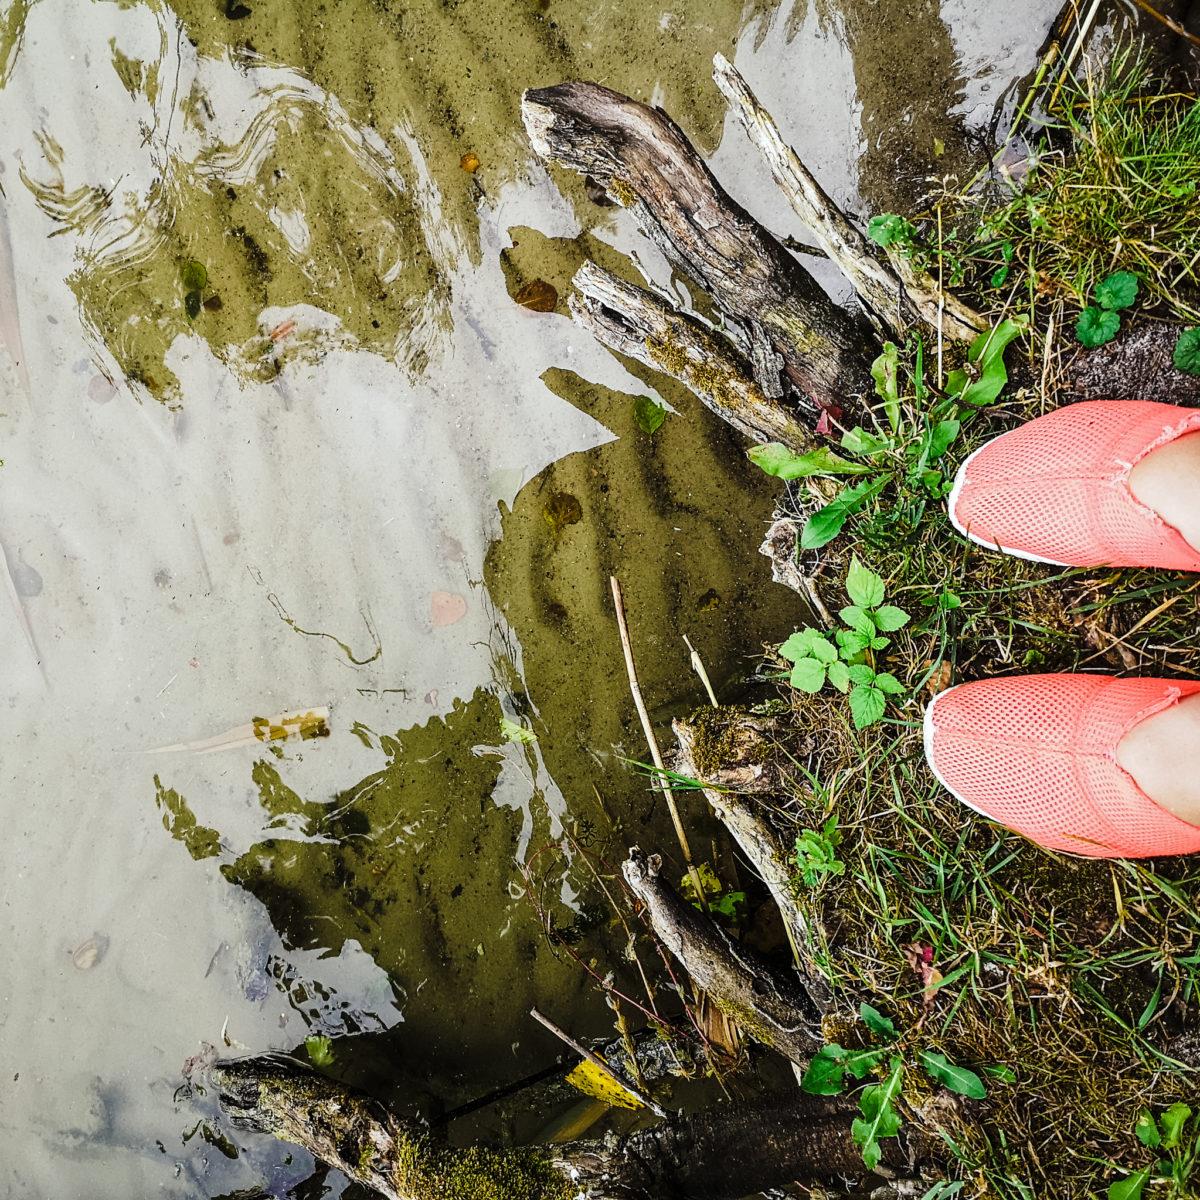 zdjęcie stóp w jaskaroróżowych butach do wody i fragmen brzegu jeziora